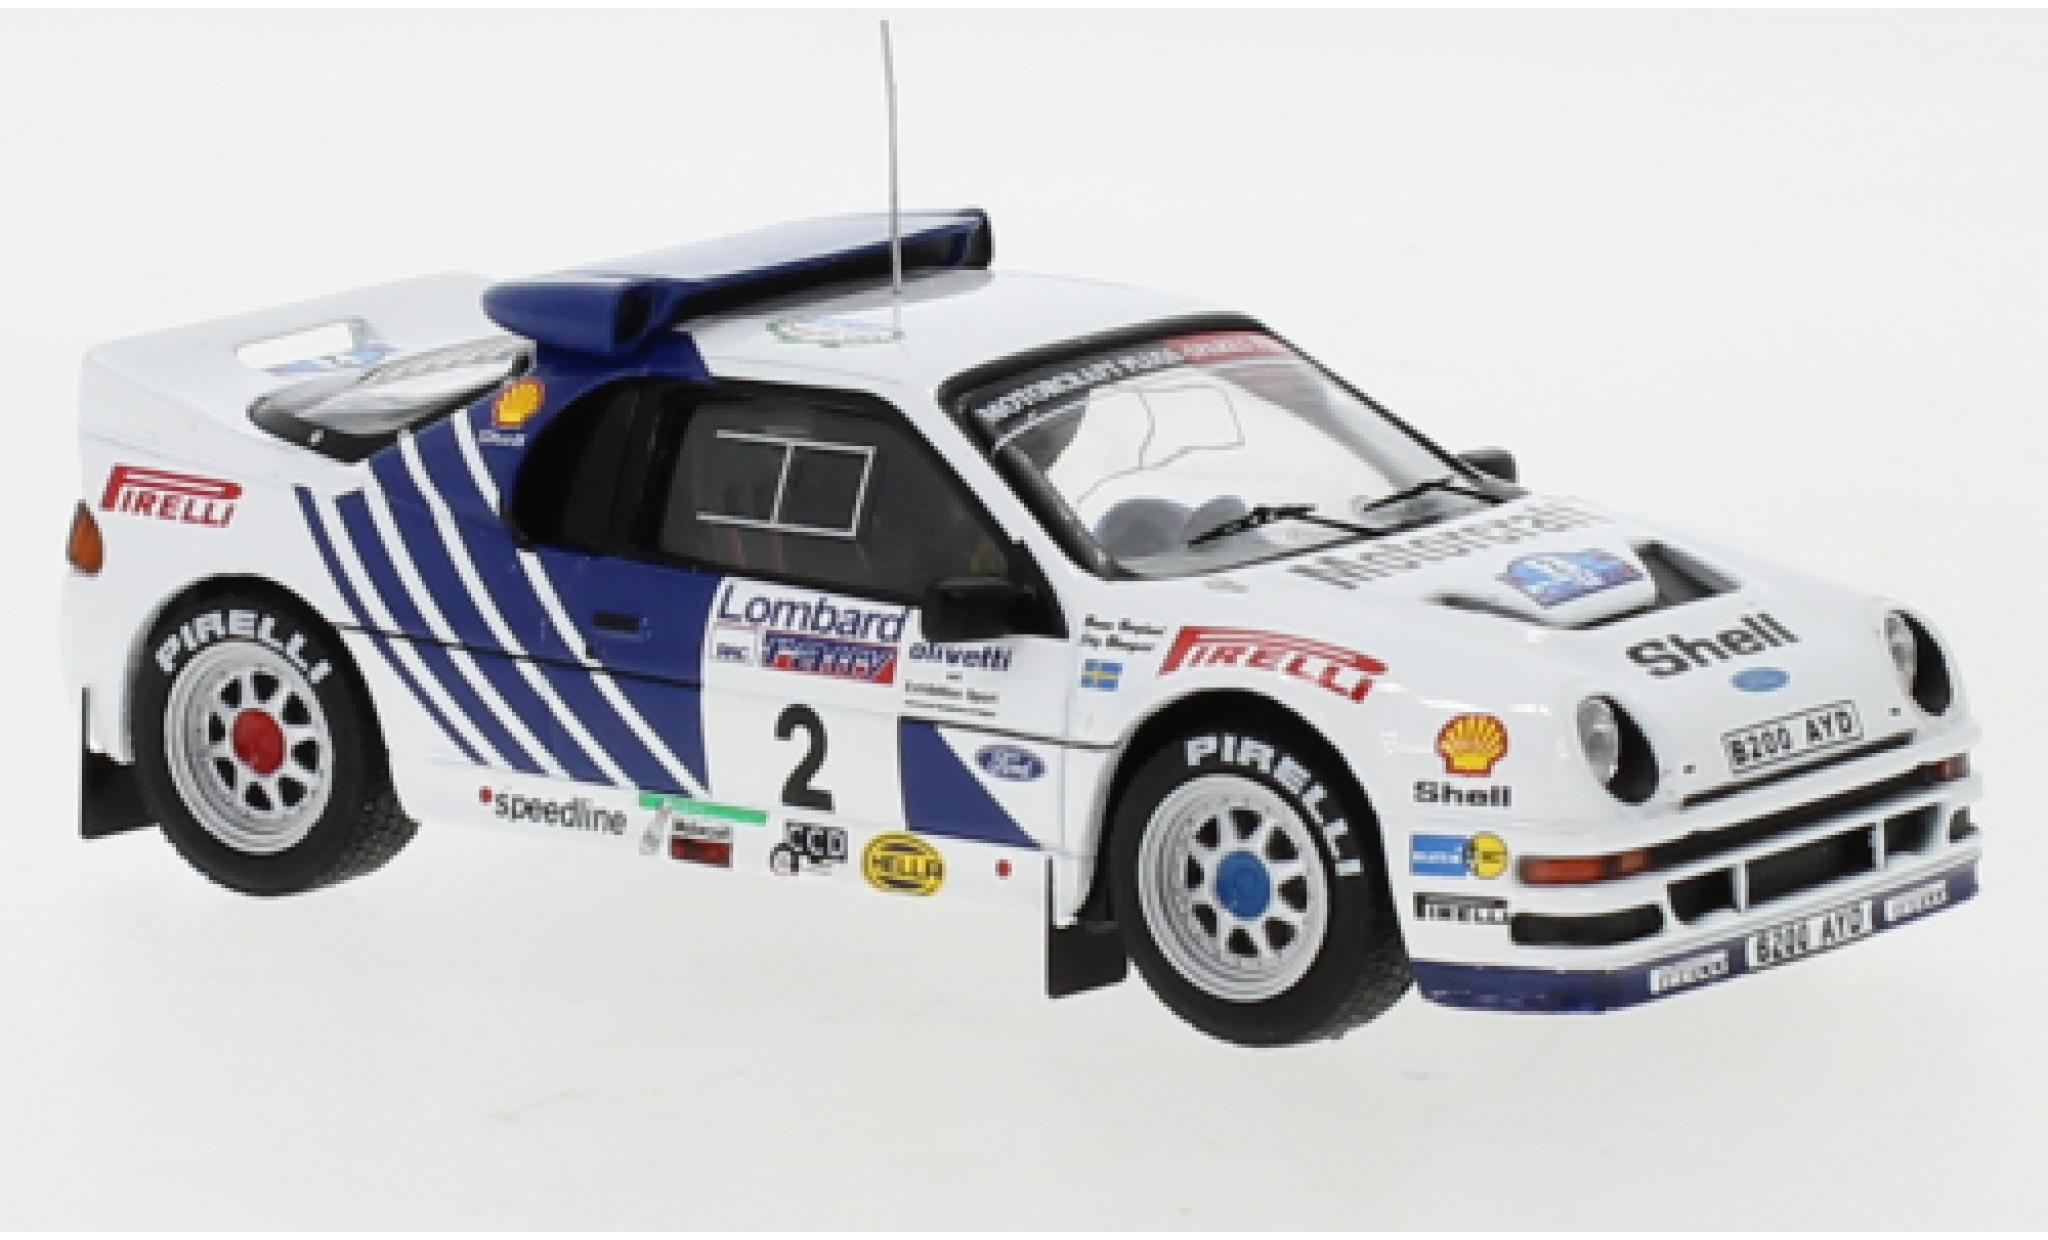 Ford RS 200 1/43 IXO RS200 No.2 Rallye WM RAC Rally 1986 S.Blomqvist/B.Berglund